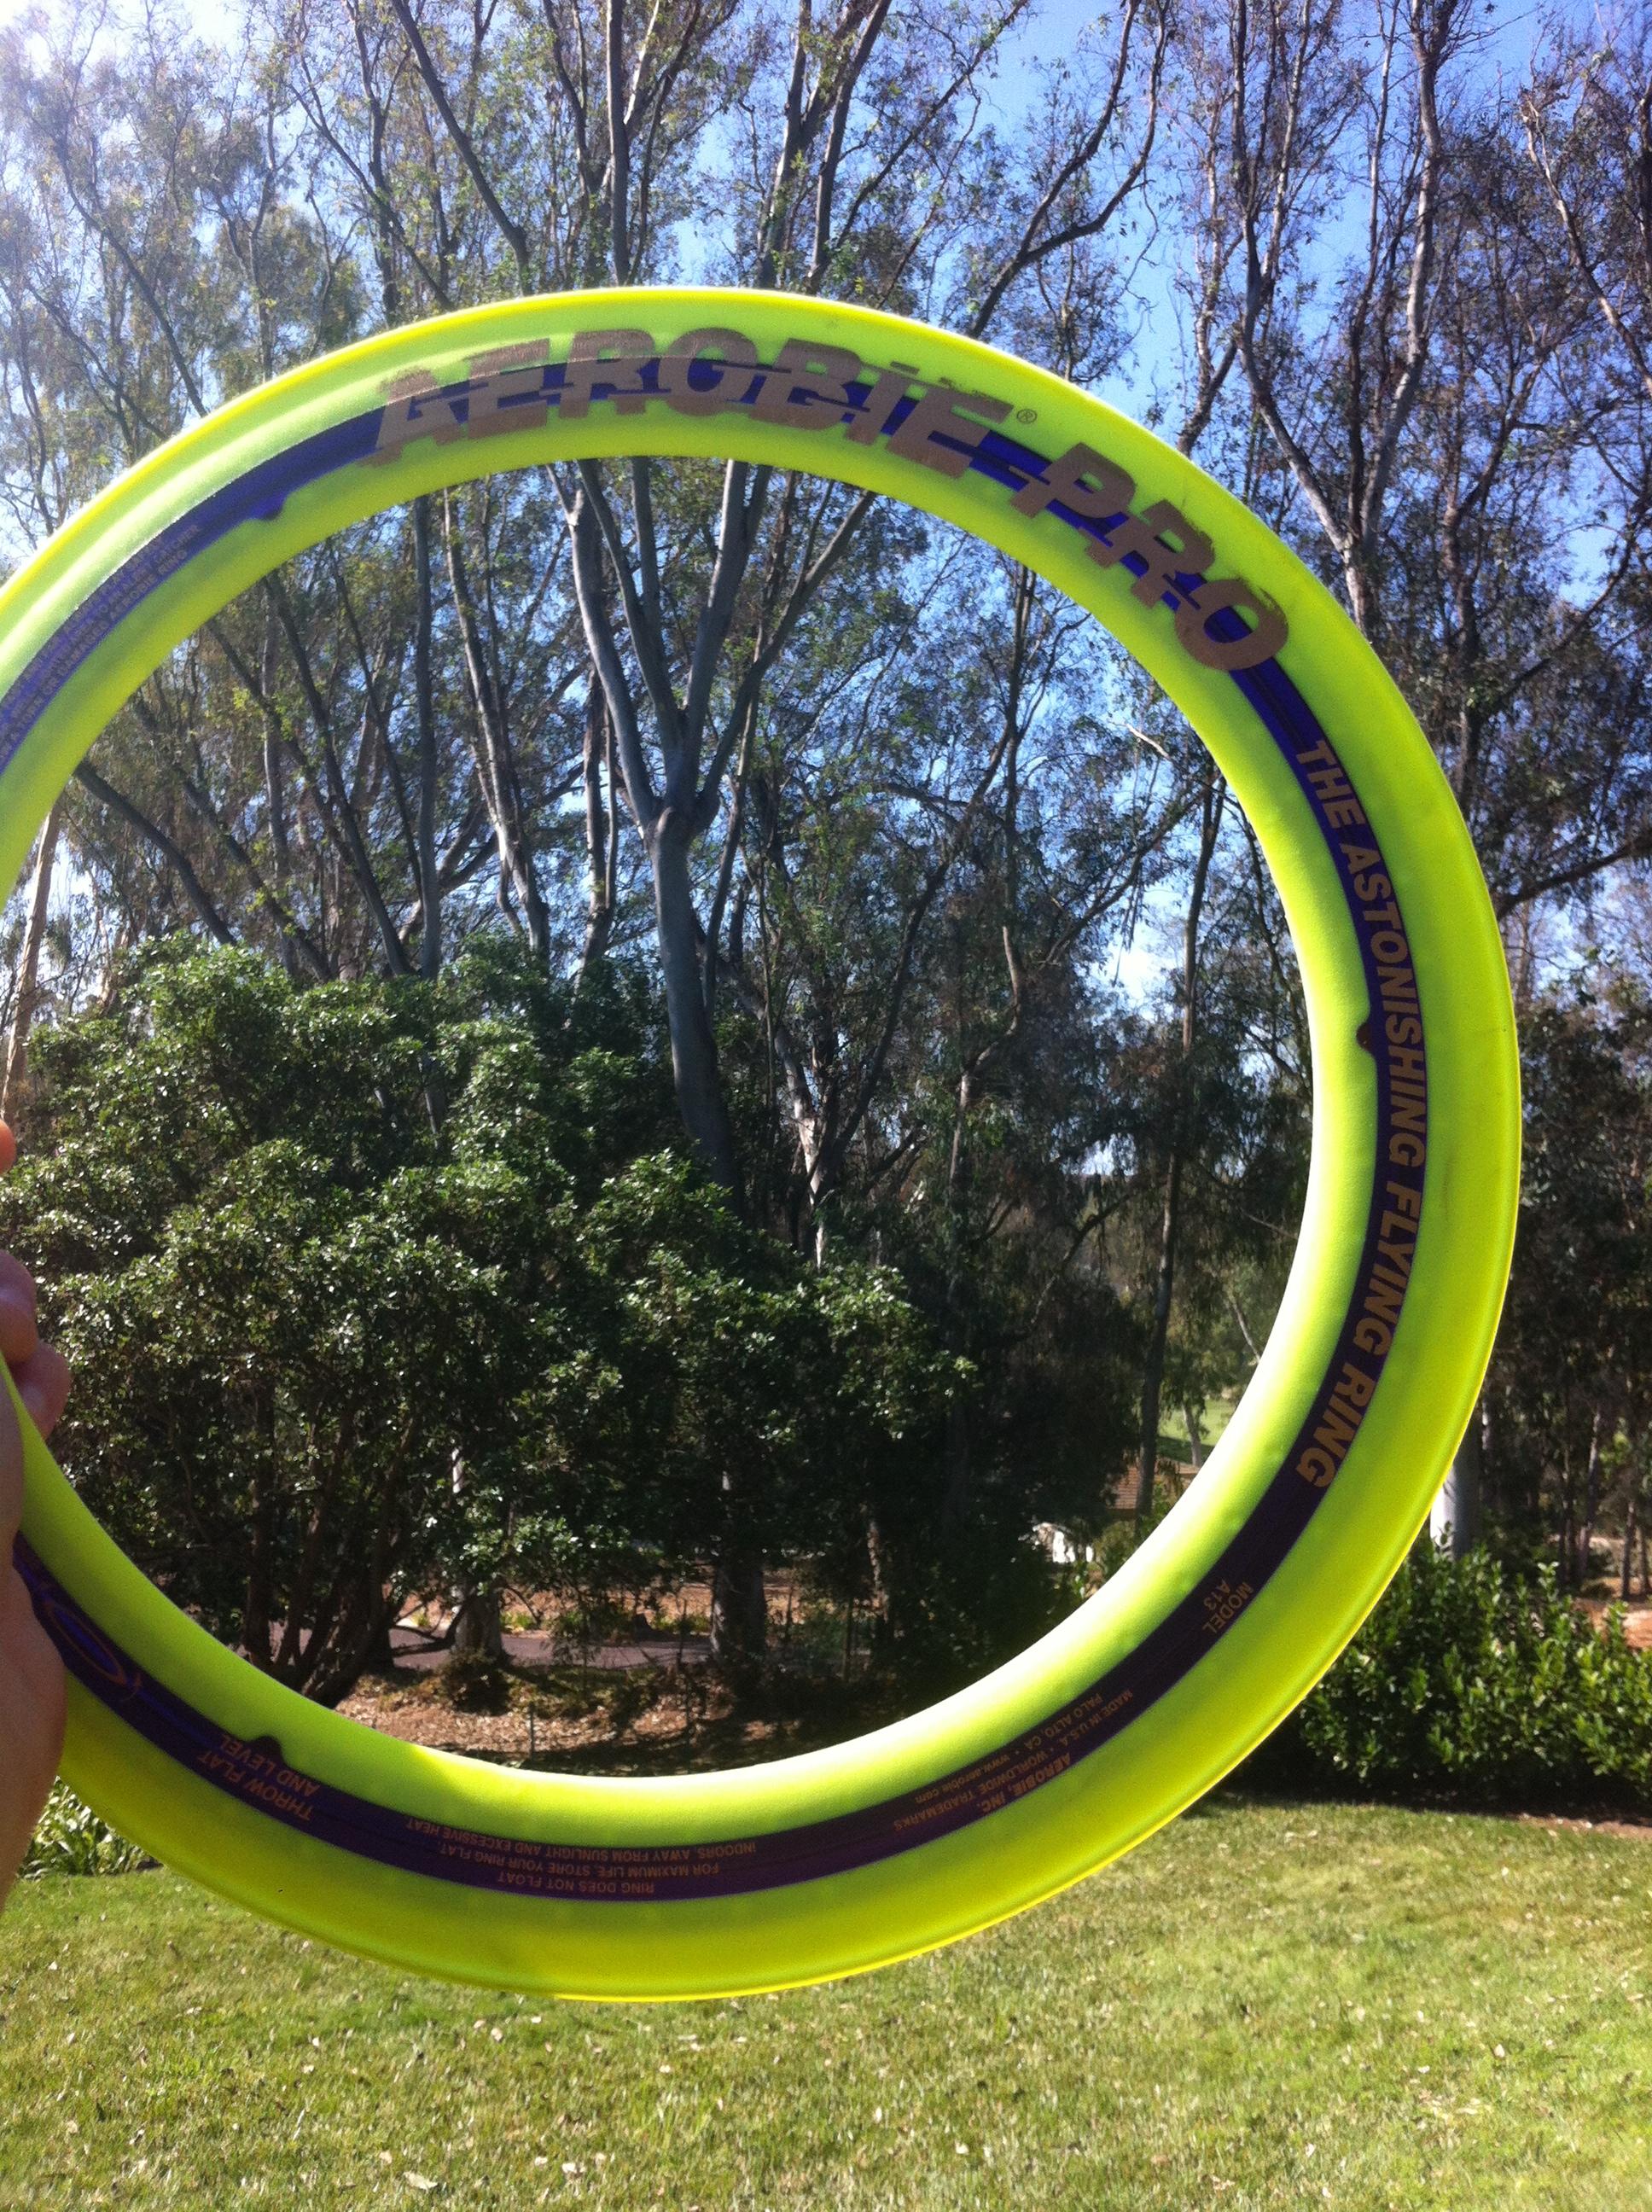 Astonishing Flying Ring, Aerobie Pro Ring, Exercise, Fitness, Fun, Toys